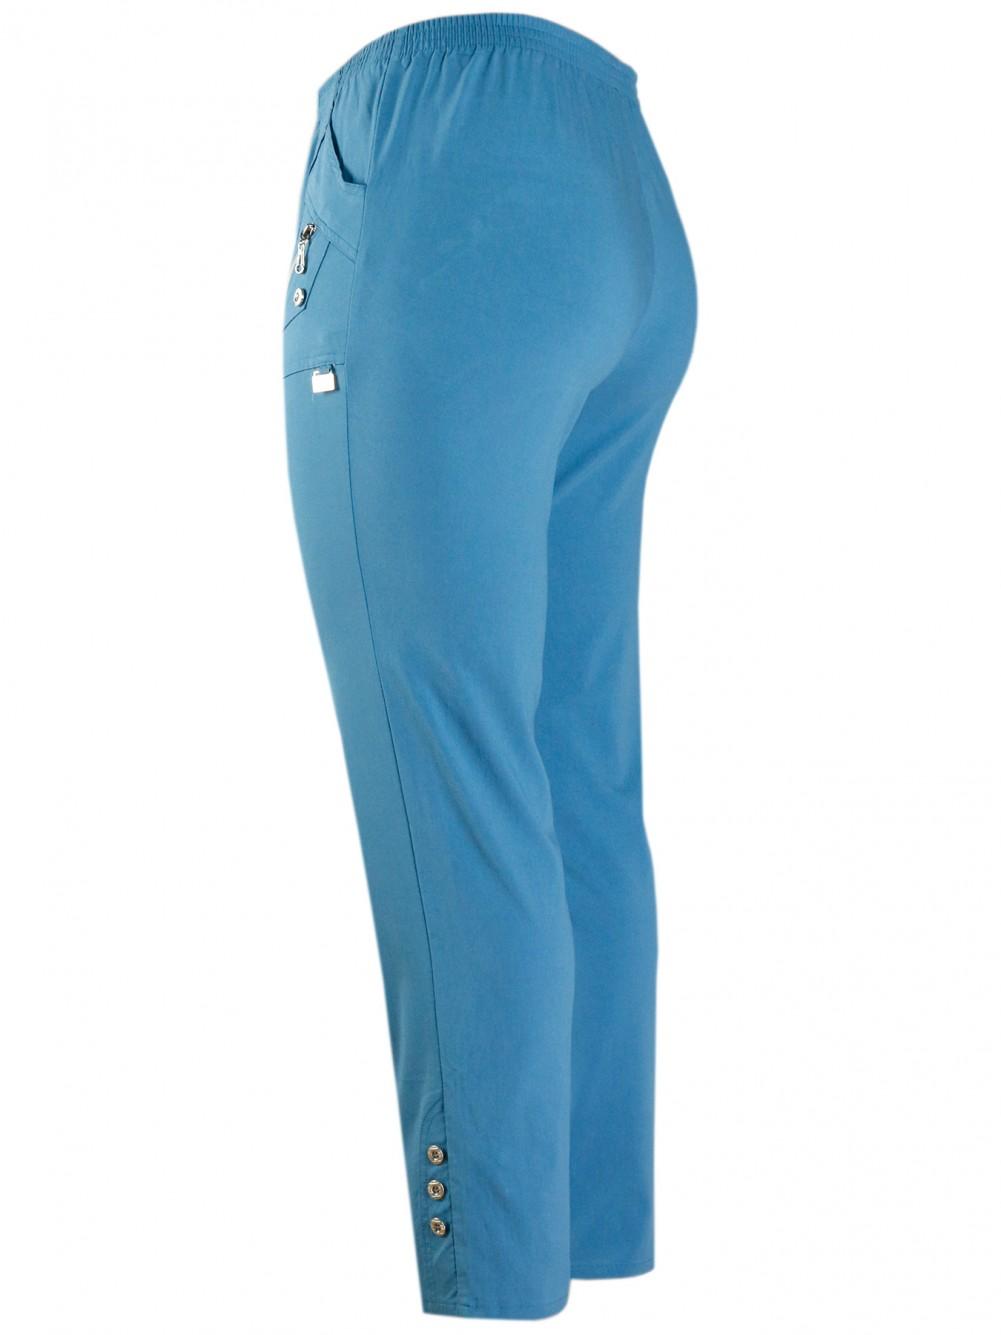 Damen Stretch Schlupfhose Sommer Kollektion - Ligth Blue/seitenansicht